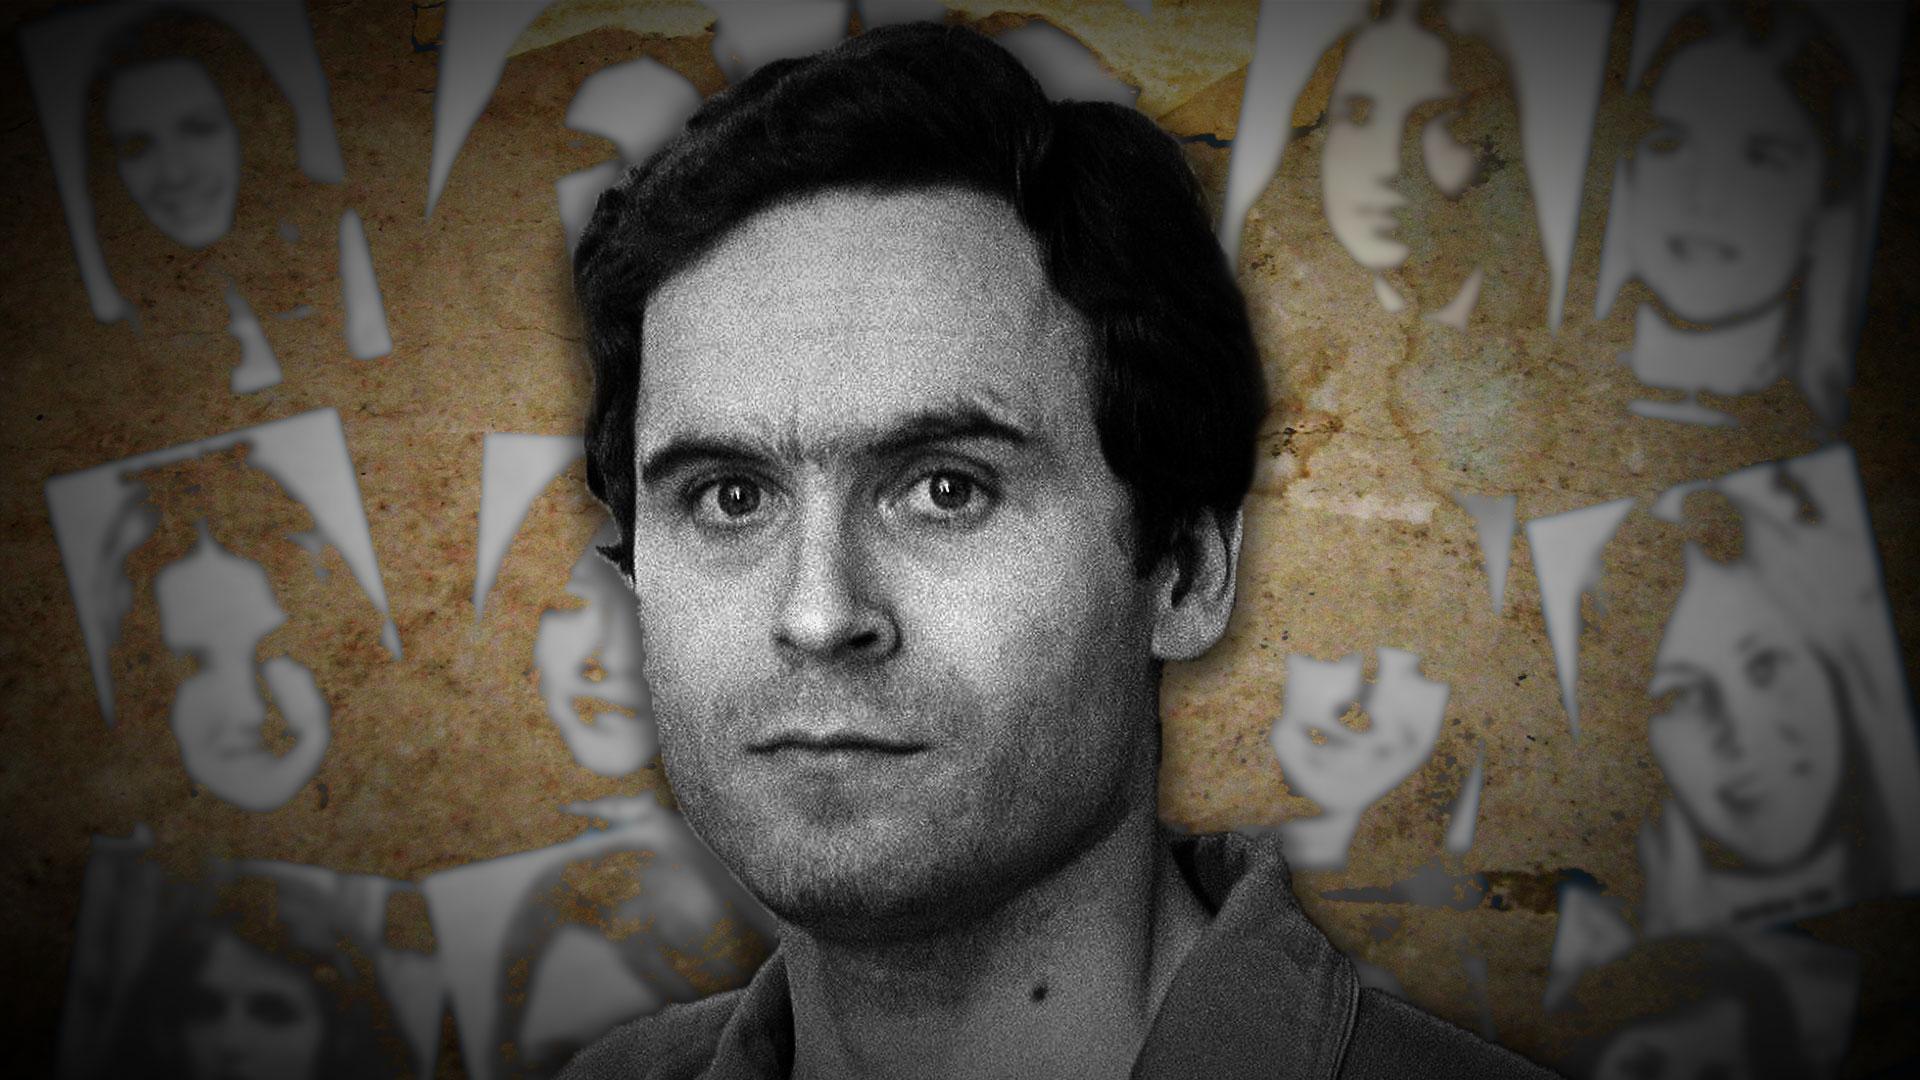 ¿Por qué nos fascinan las historias de asesinos seriales? - Radio Cantilo